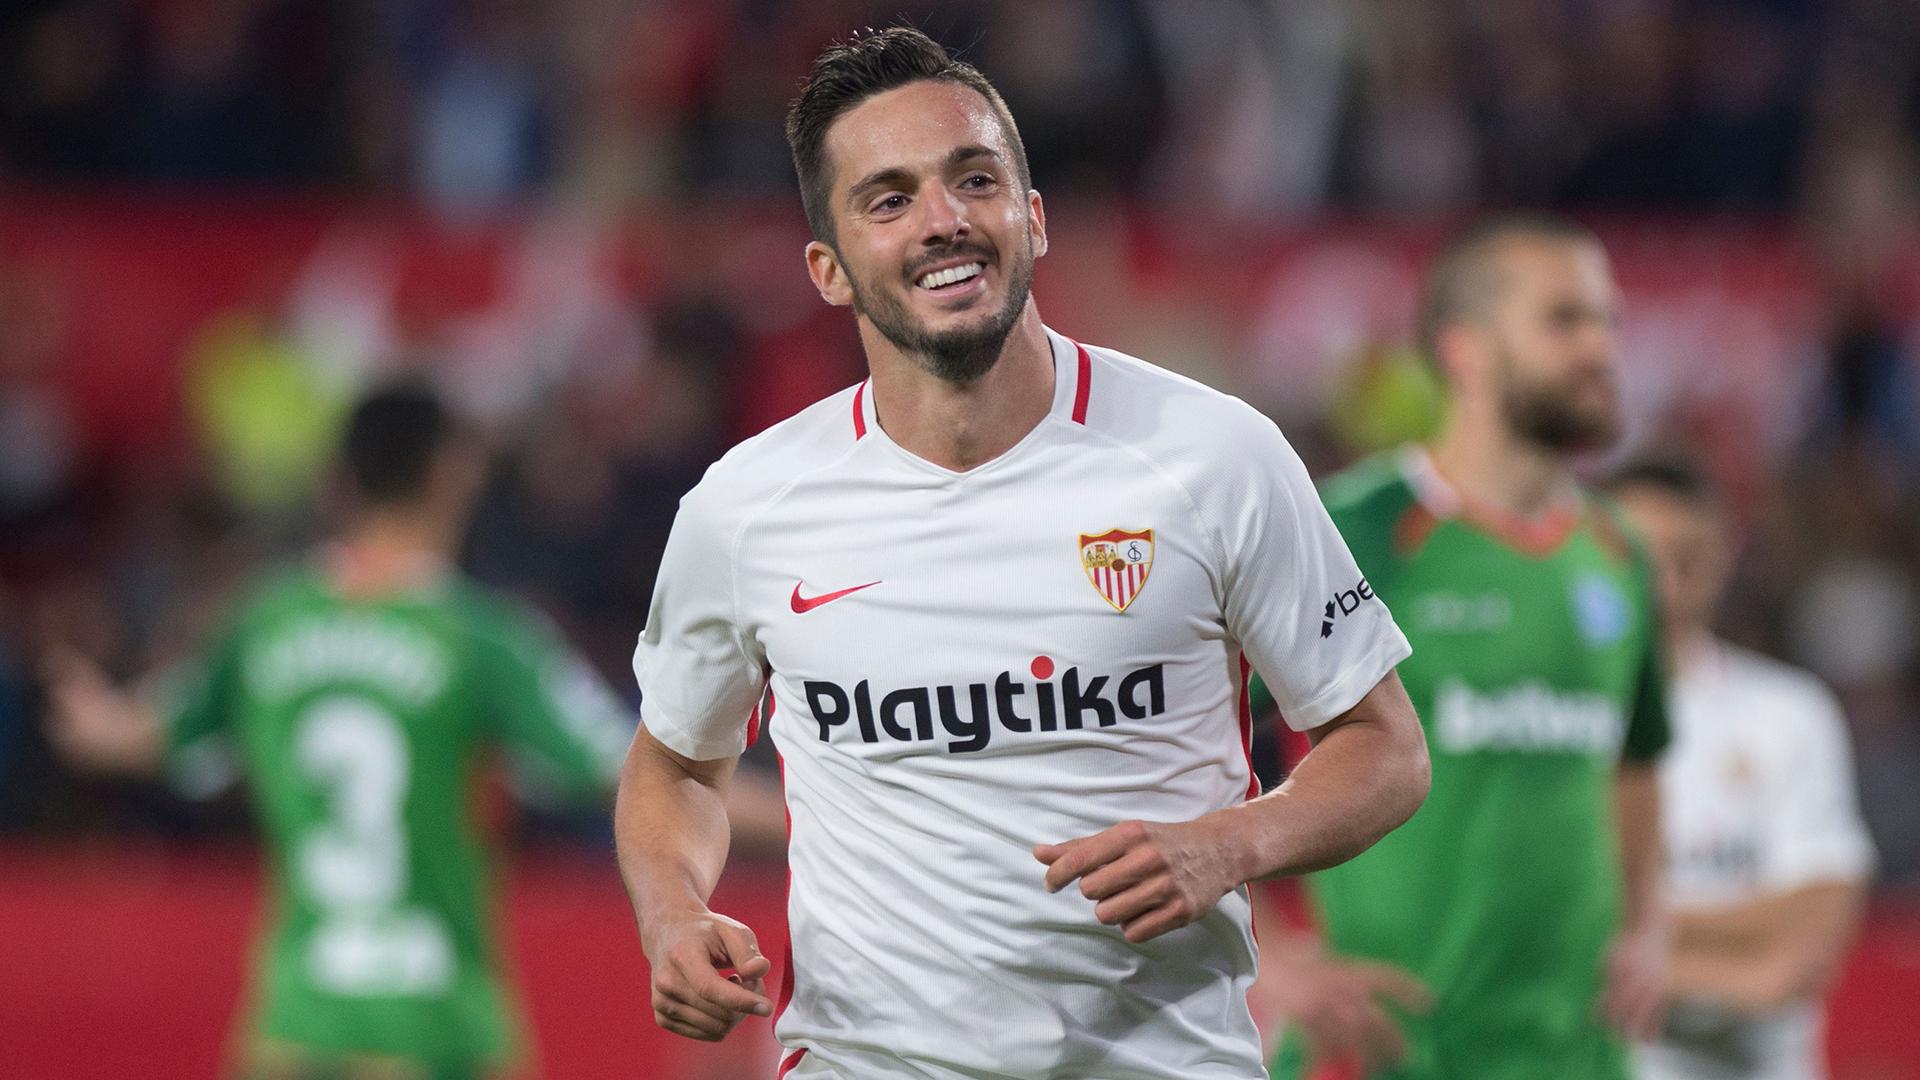 Offiziell: Pablo Sarabia wechselt vom FC Sevilla zu PSG